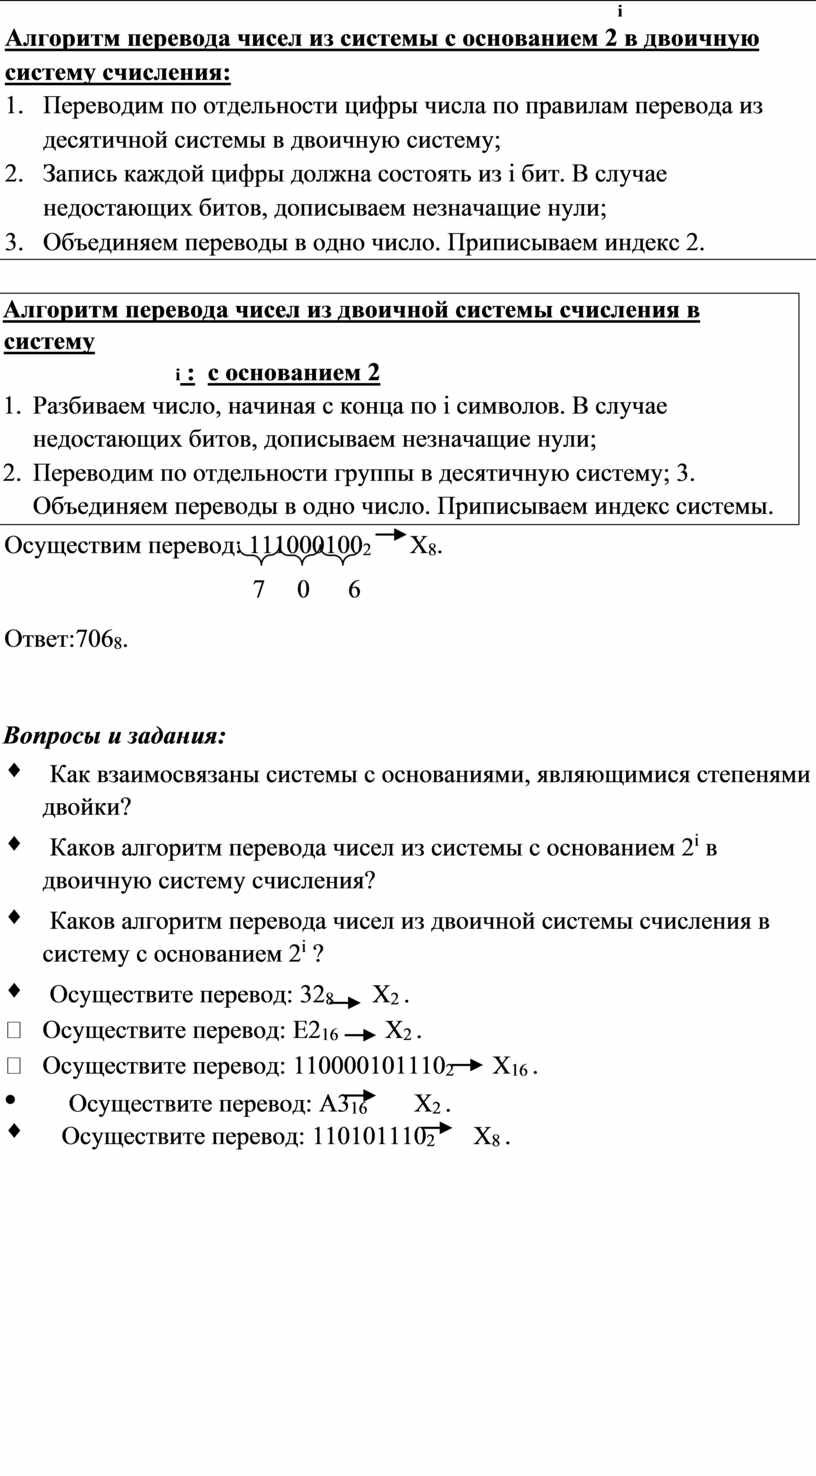 Алгоритм перевода чисел из системы с основанием 2 в двоичную систему счисления: 1